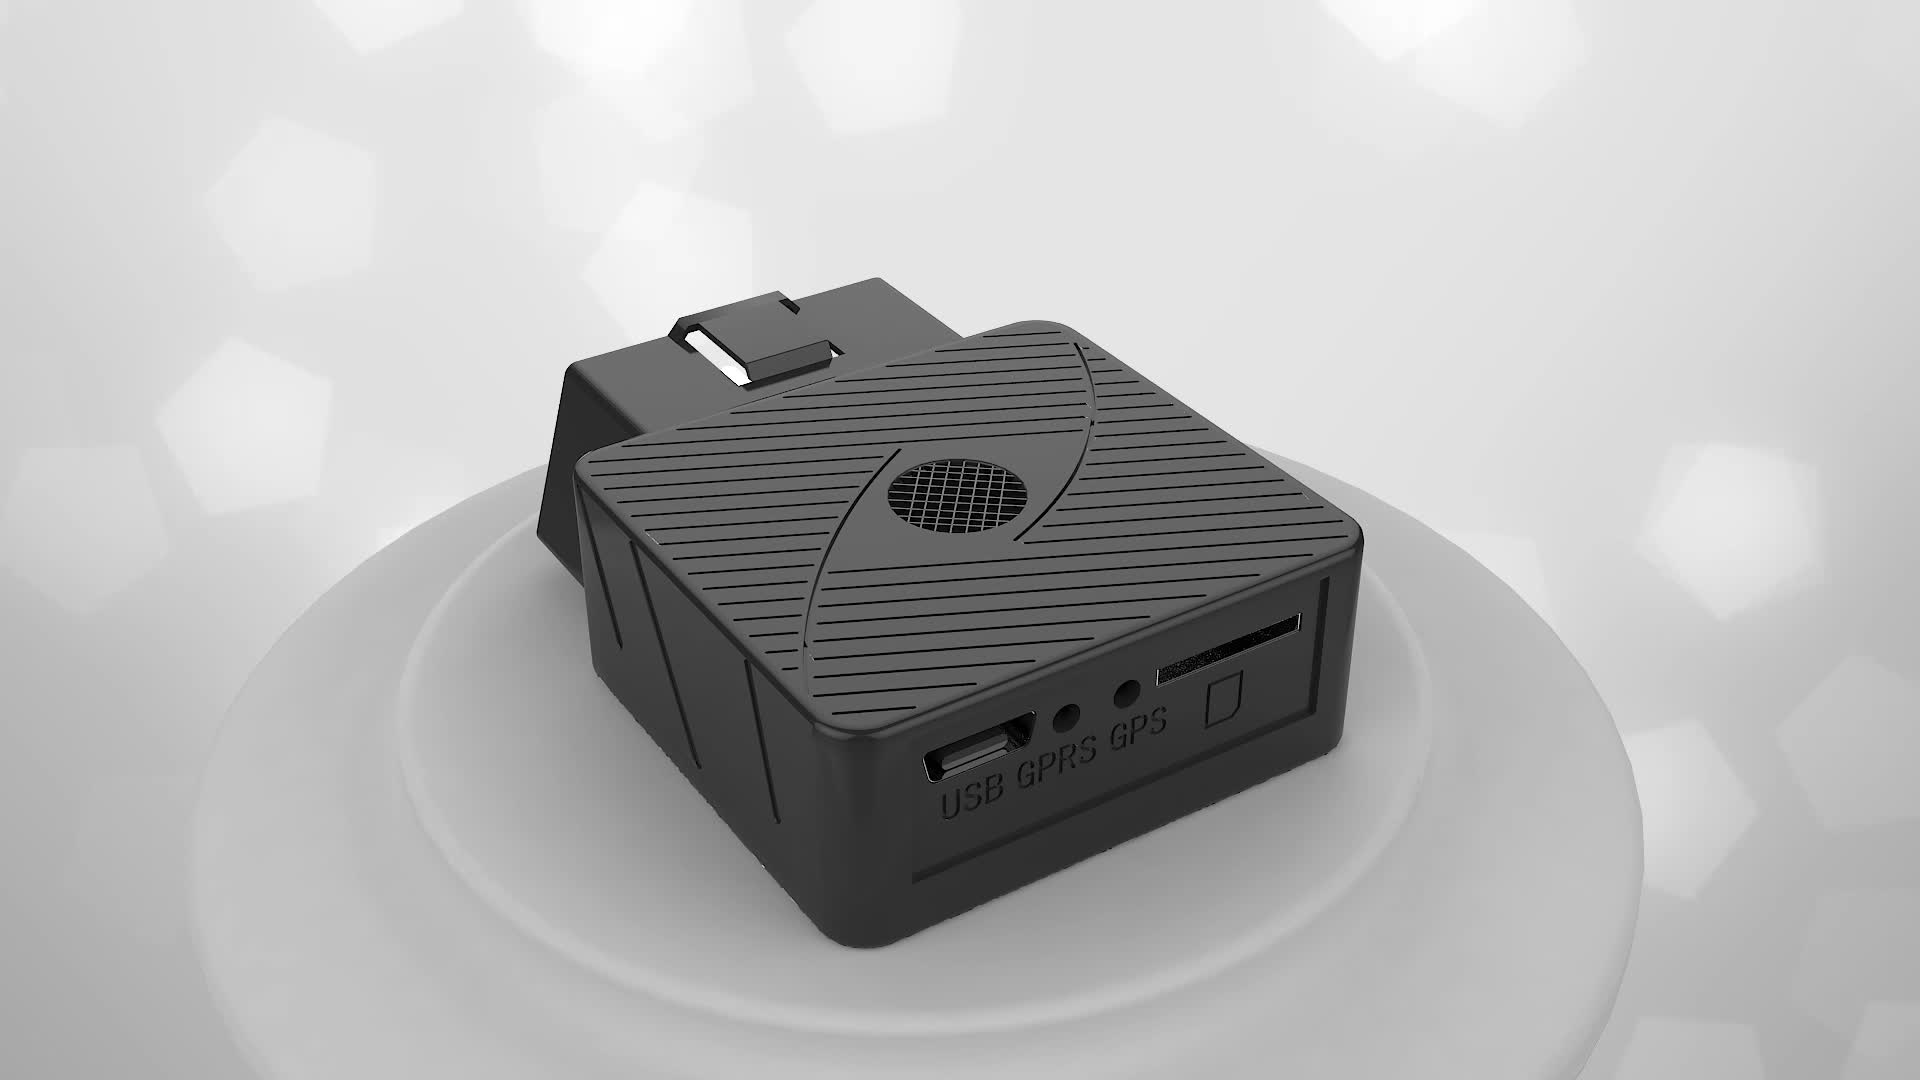 יצרן ישיר למכור GPS Tracker OBD איתור לרכב חשמלי